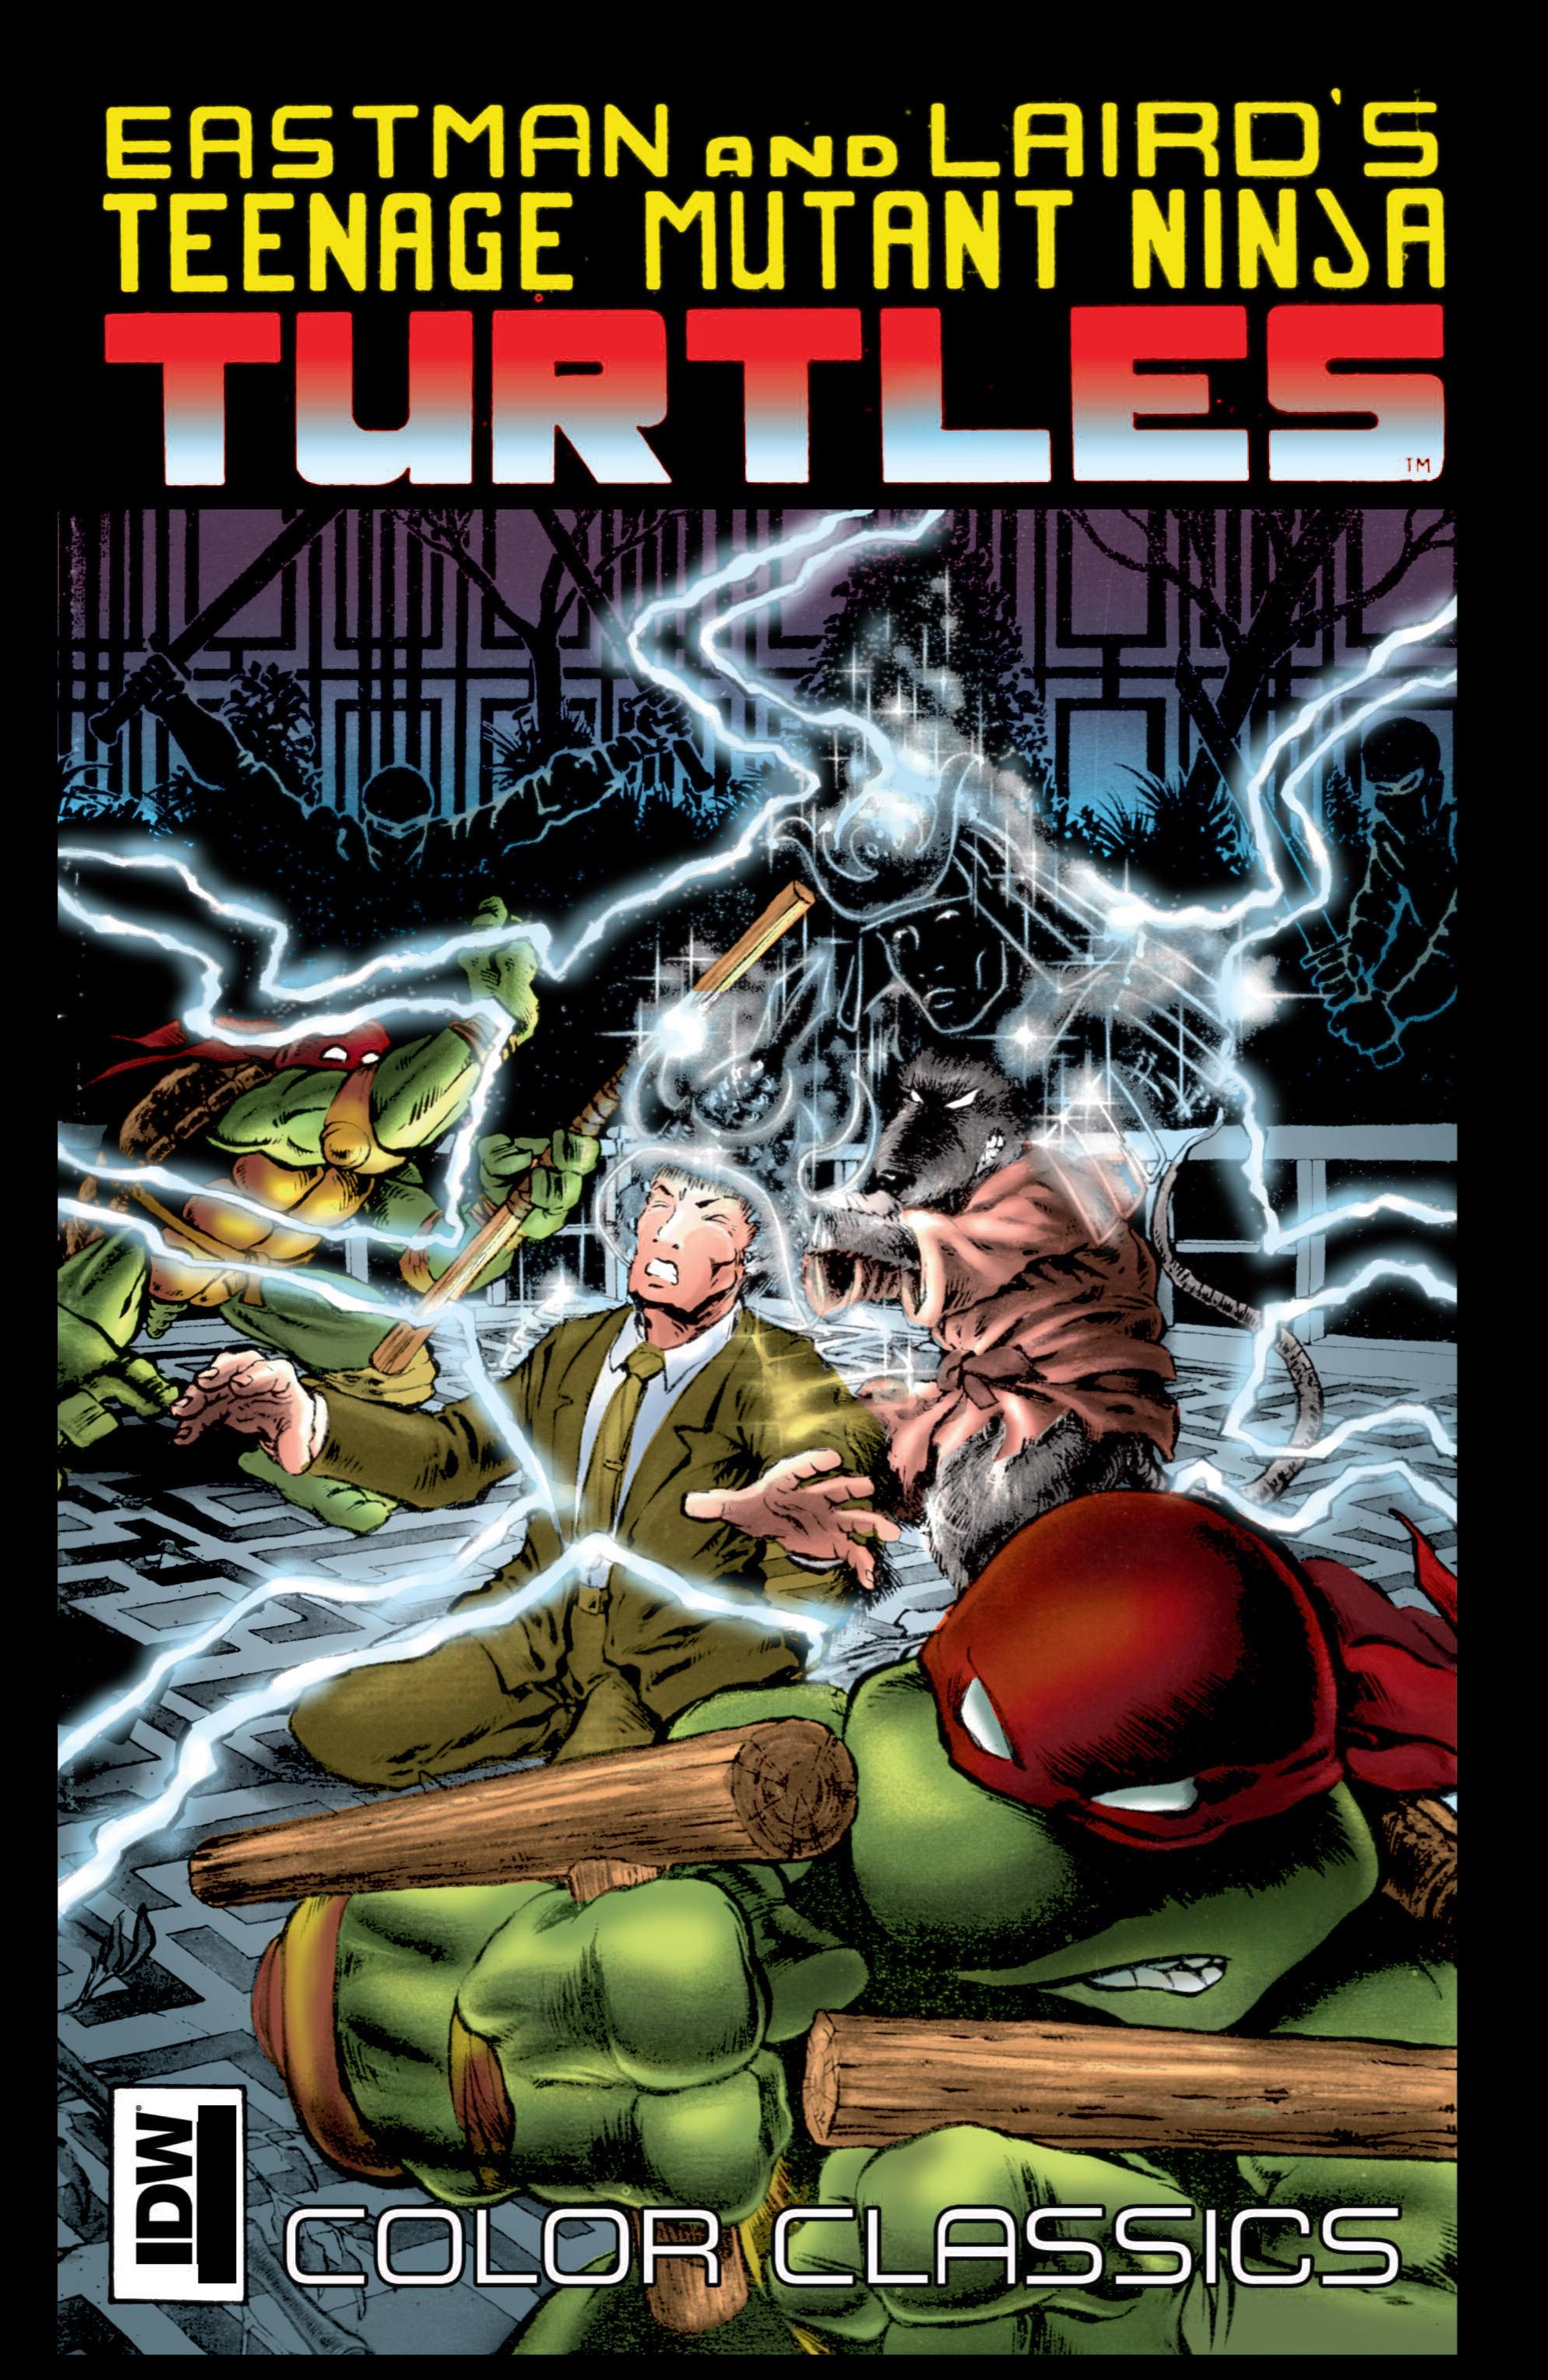 Teenage Mutant Ninja Turtles Color Classics (2012) issue 9 - Page 1